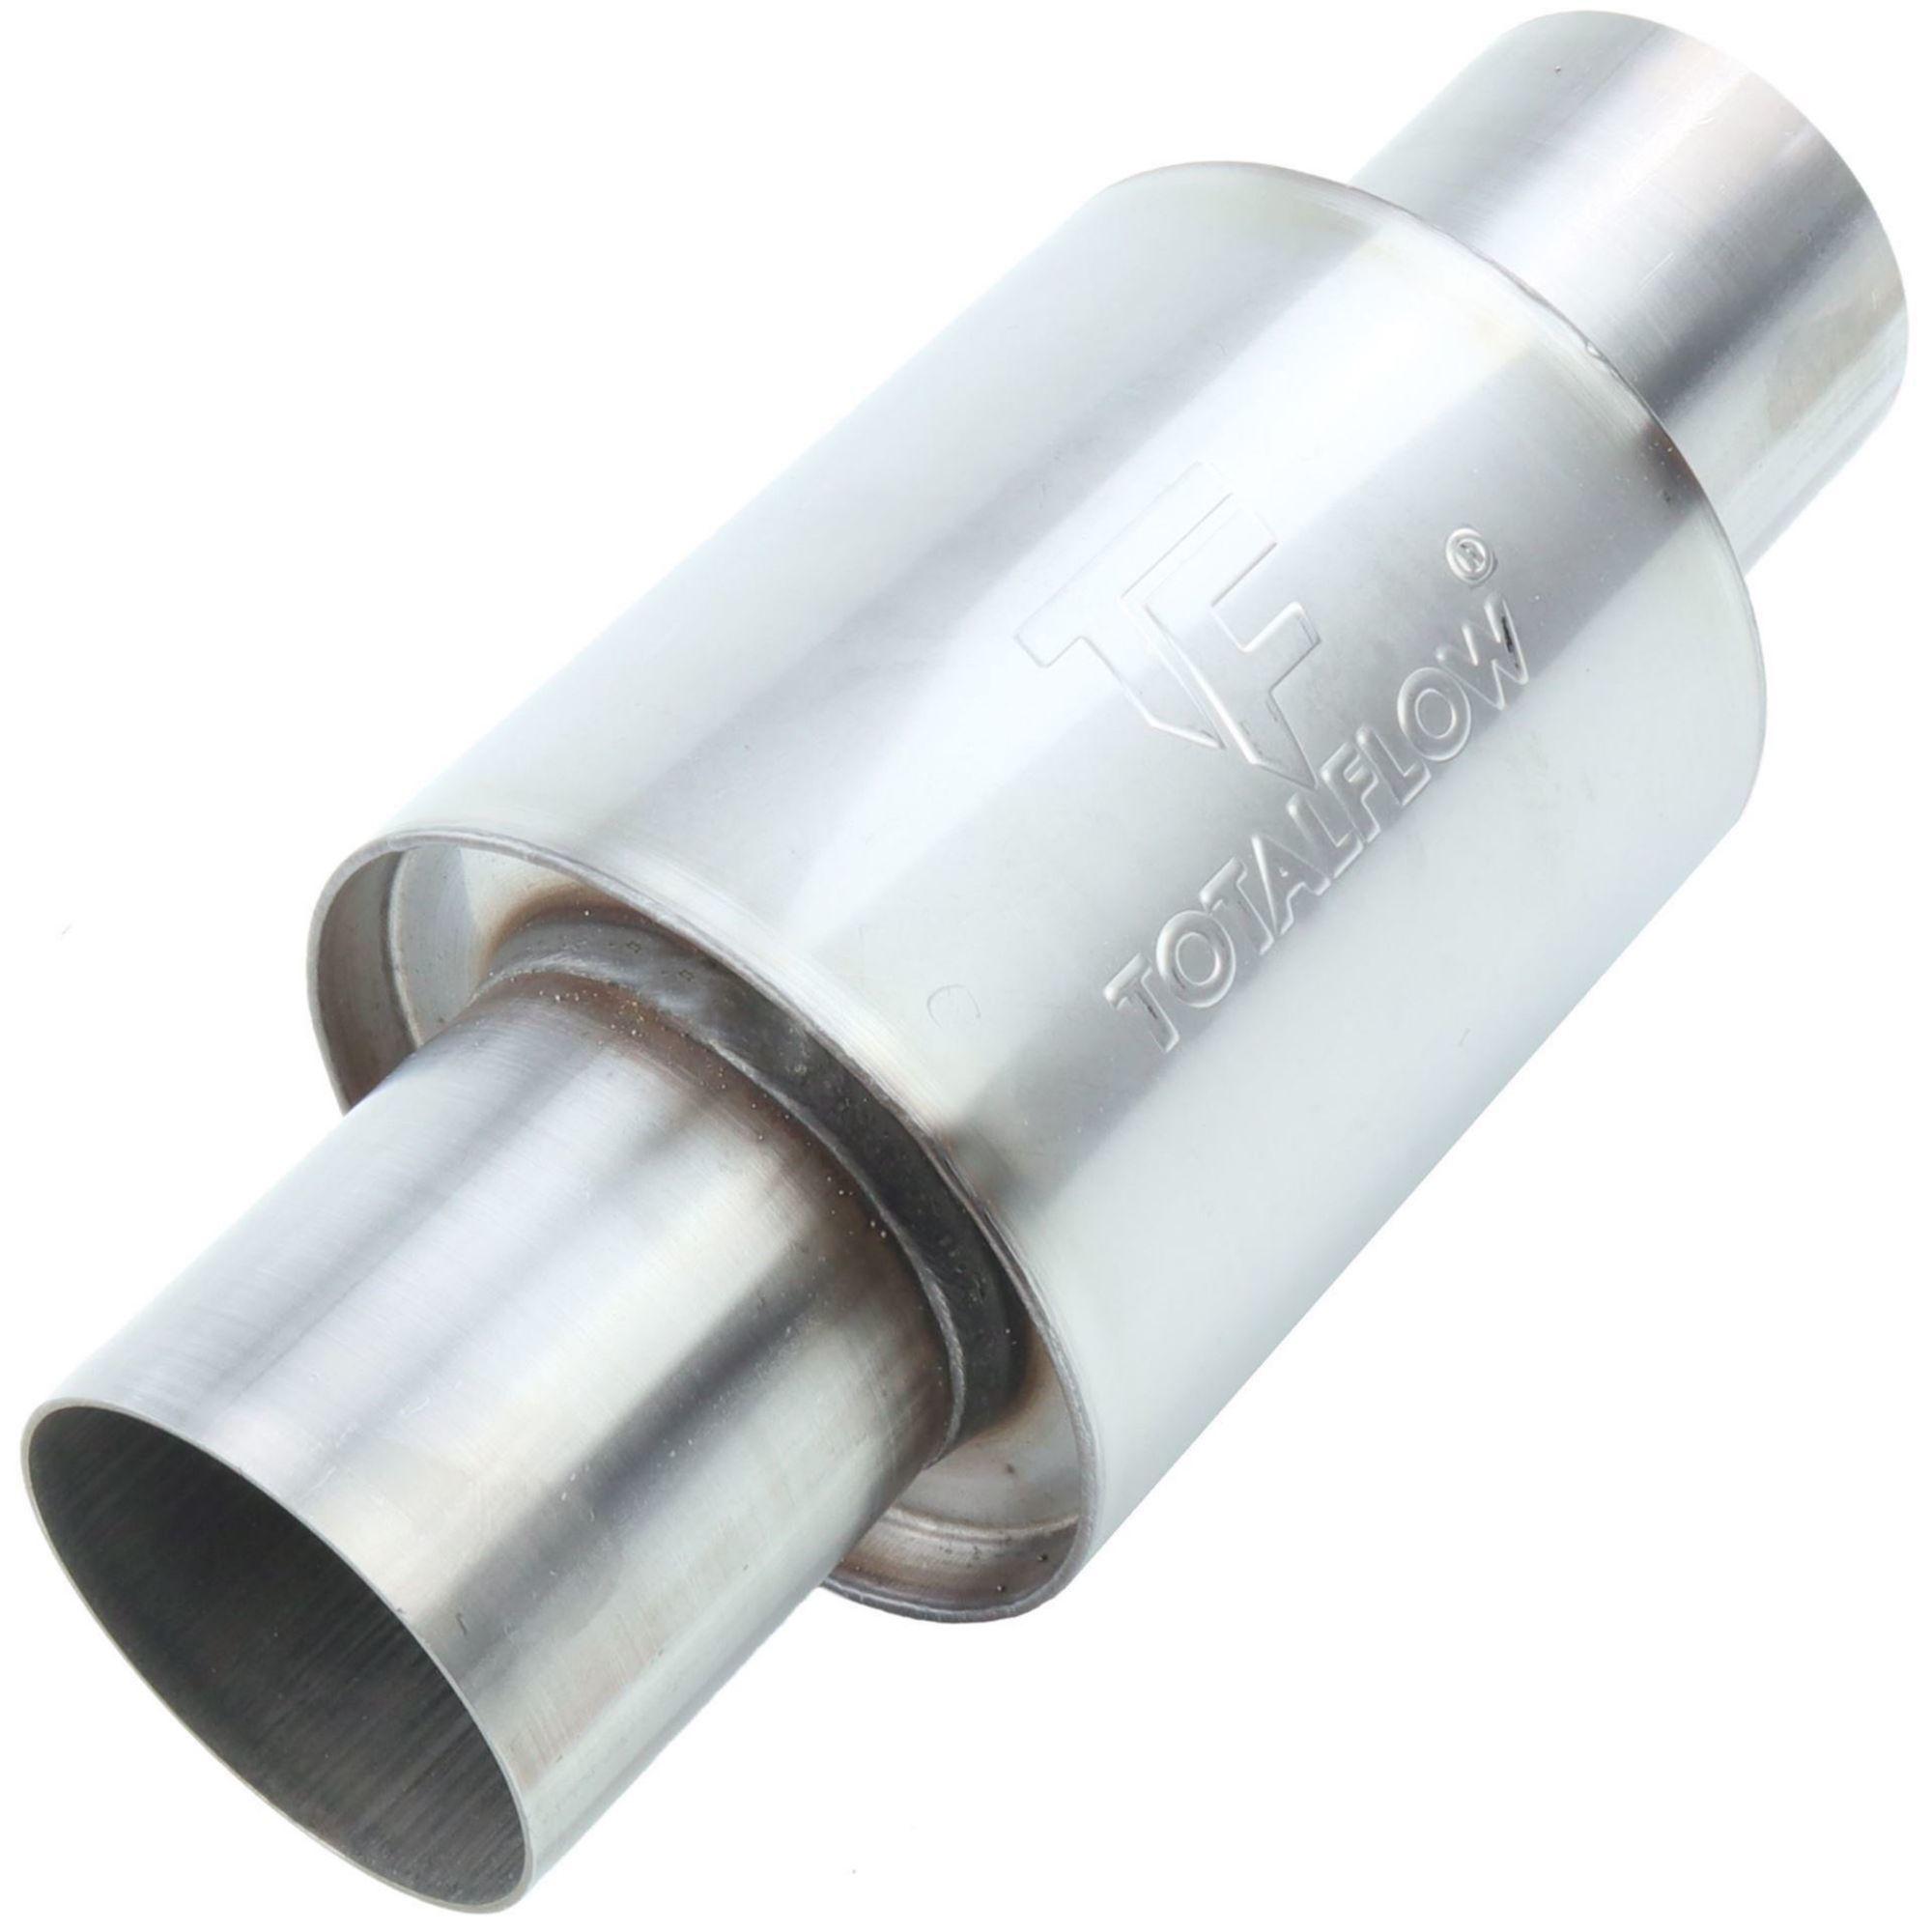 TOTALFLOW 22321 Straight Through Universal Exhaust Muffler - 4 Inch ID